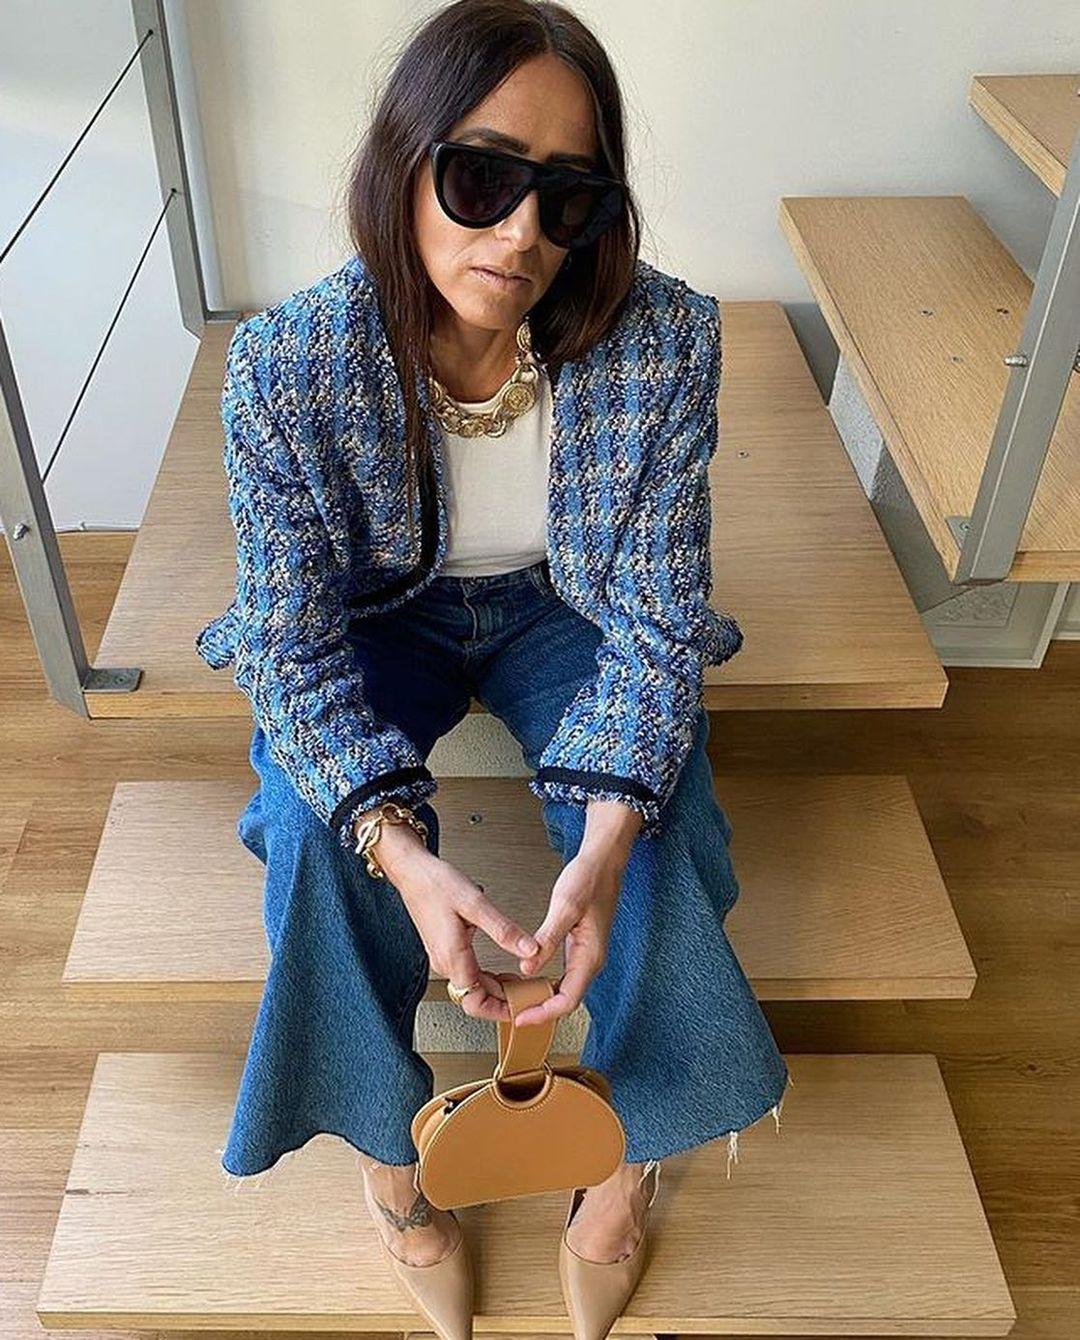 tweed jacket de Zara sur zara_hm_look_style